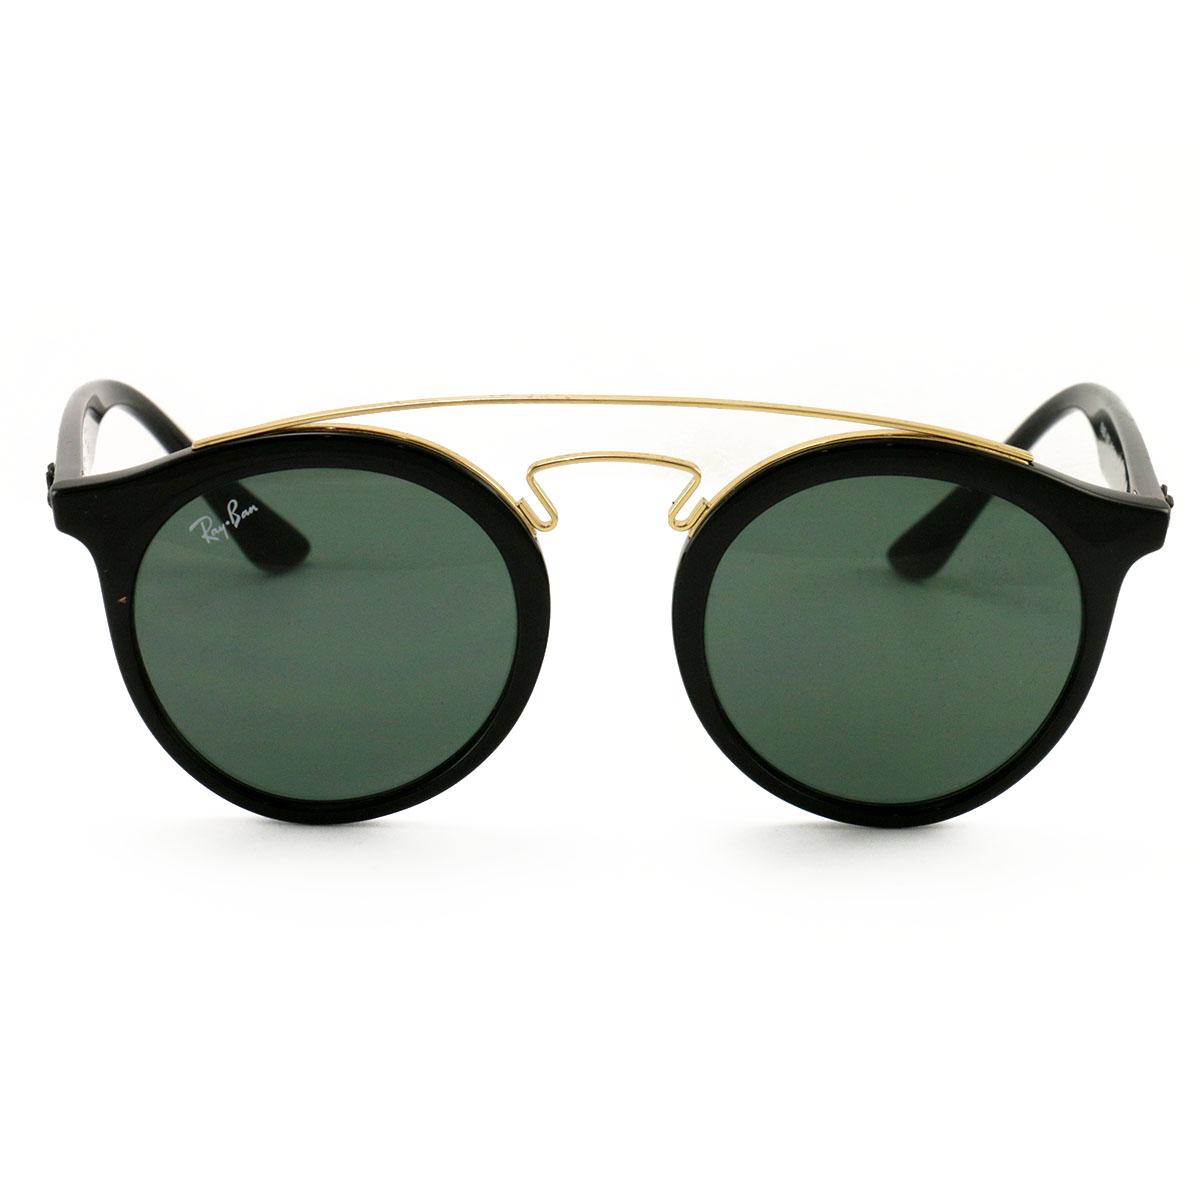 209ce98c6c3 Ray Ban Men´s Sunglasses RB4256 601 Black Gold 46 20 145 Dark Green Lenses